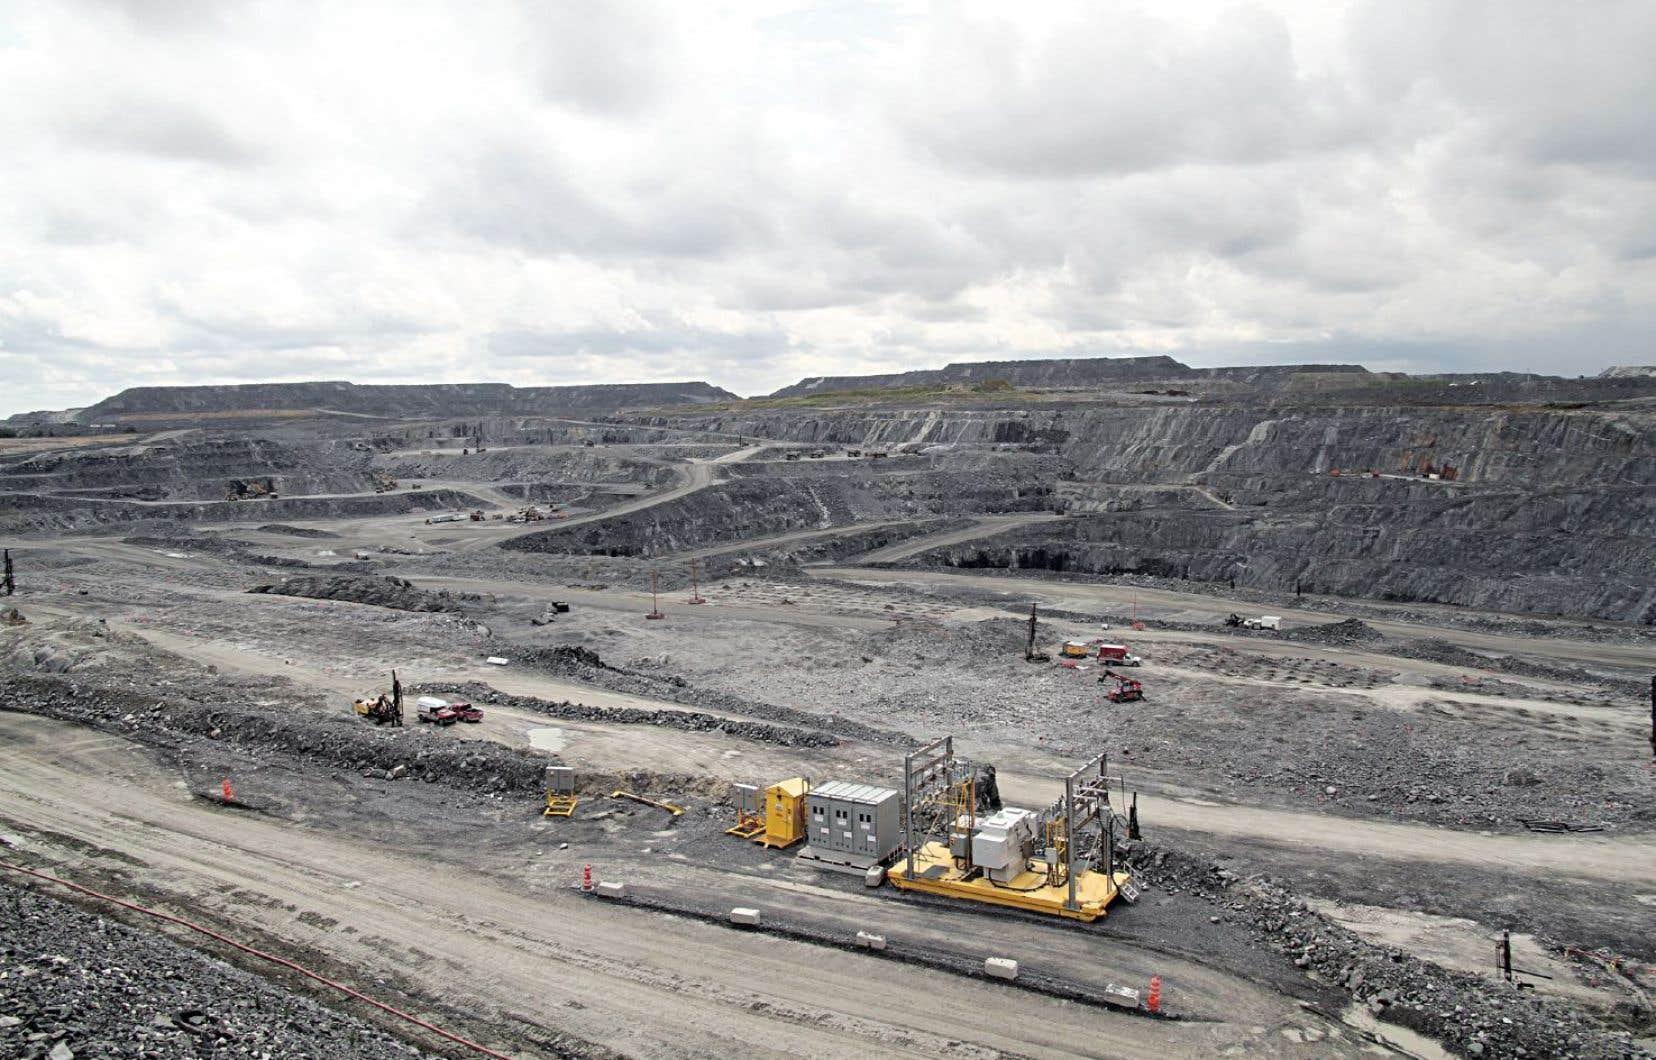 Canadian Malartic souhaite prolonger l'exploitation de son imposant gisement d'or à ciel ouvert jusqu'en 2028.